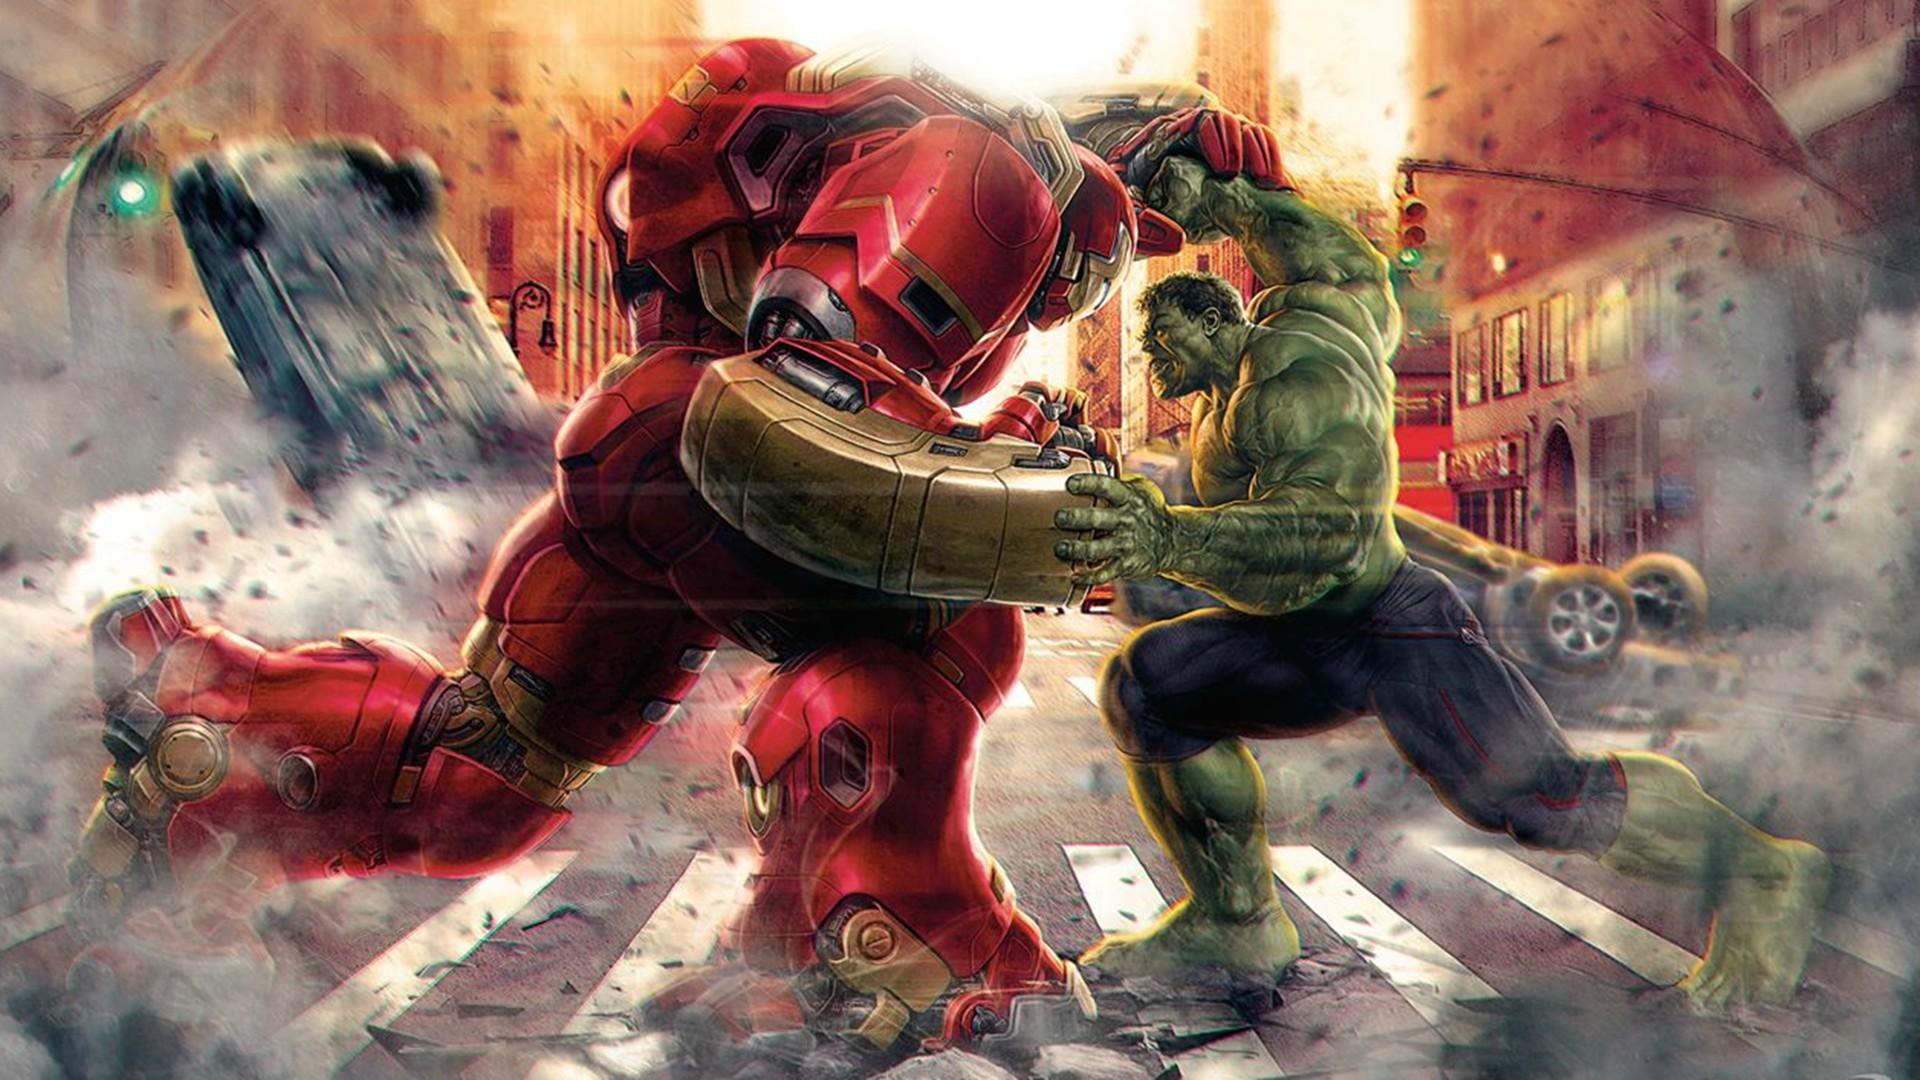 Avengers wallpaper for desktop 70 images - Wallpaper avengers 3d ...